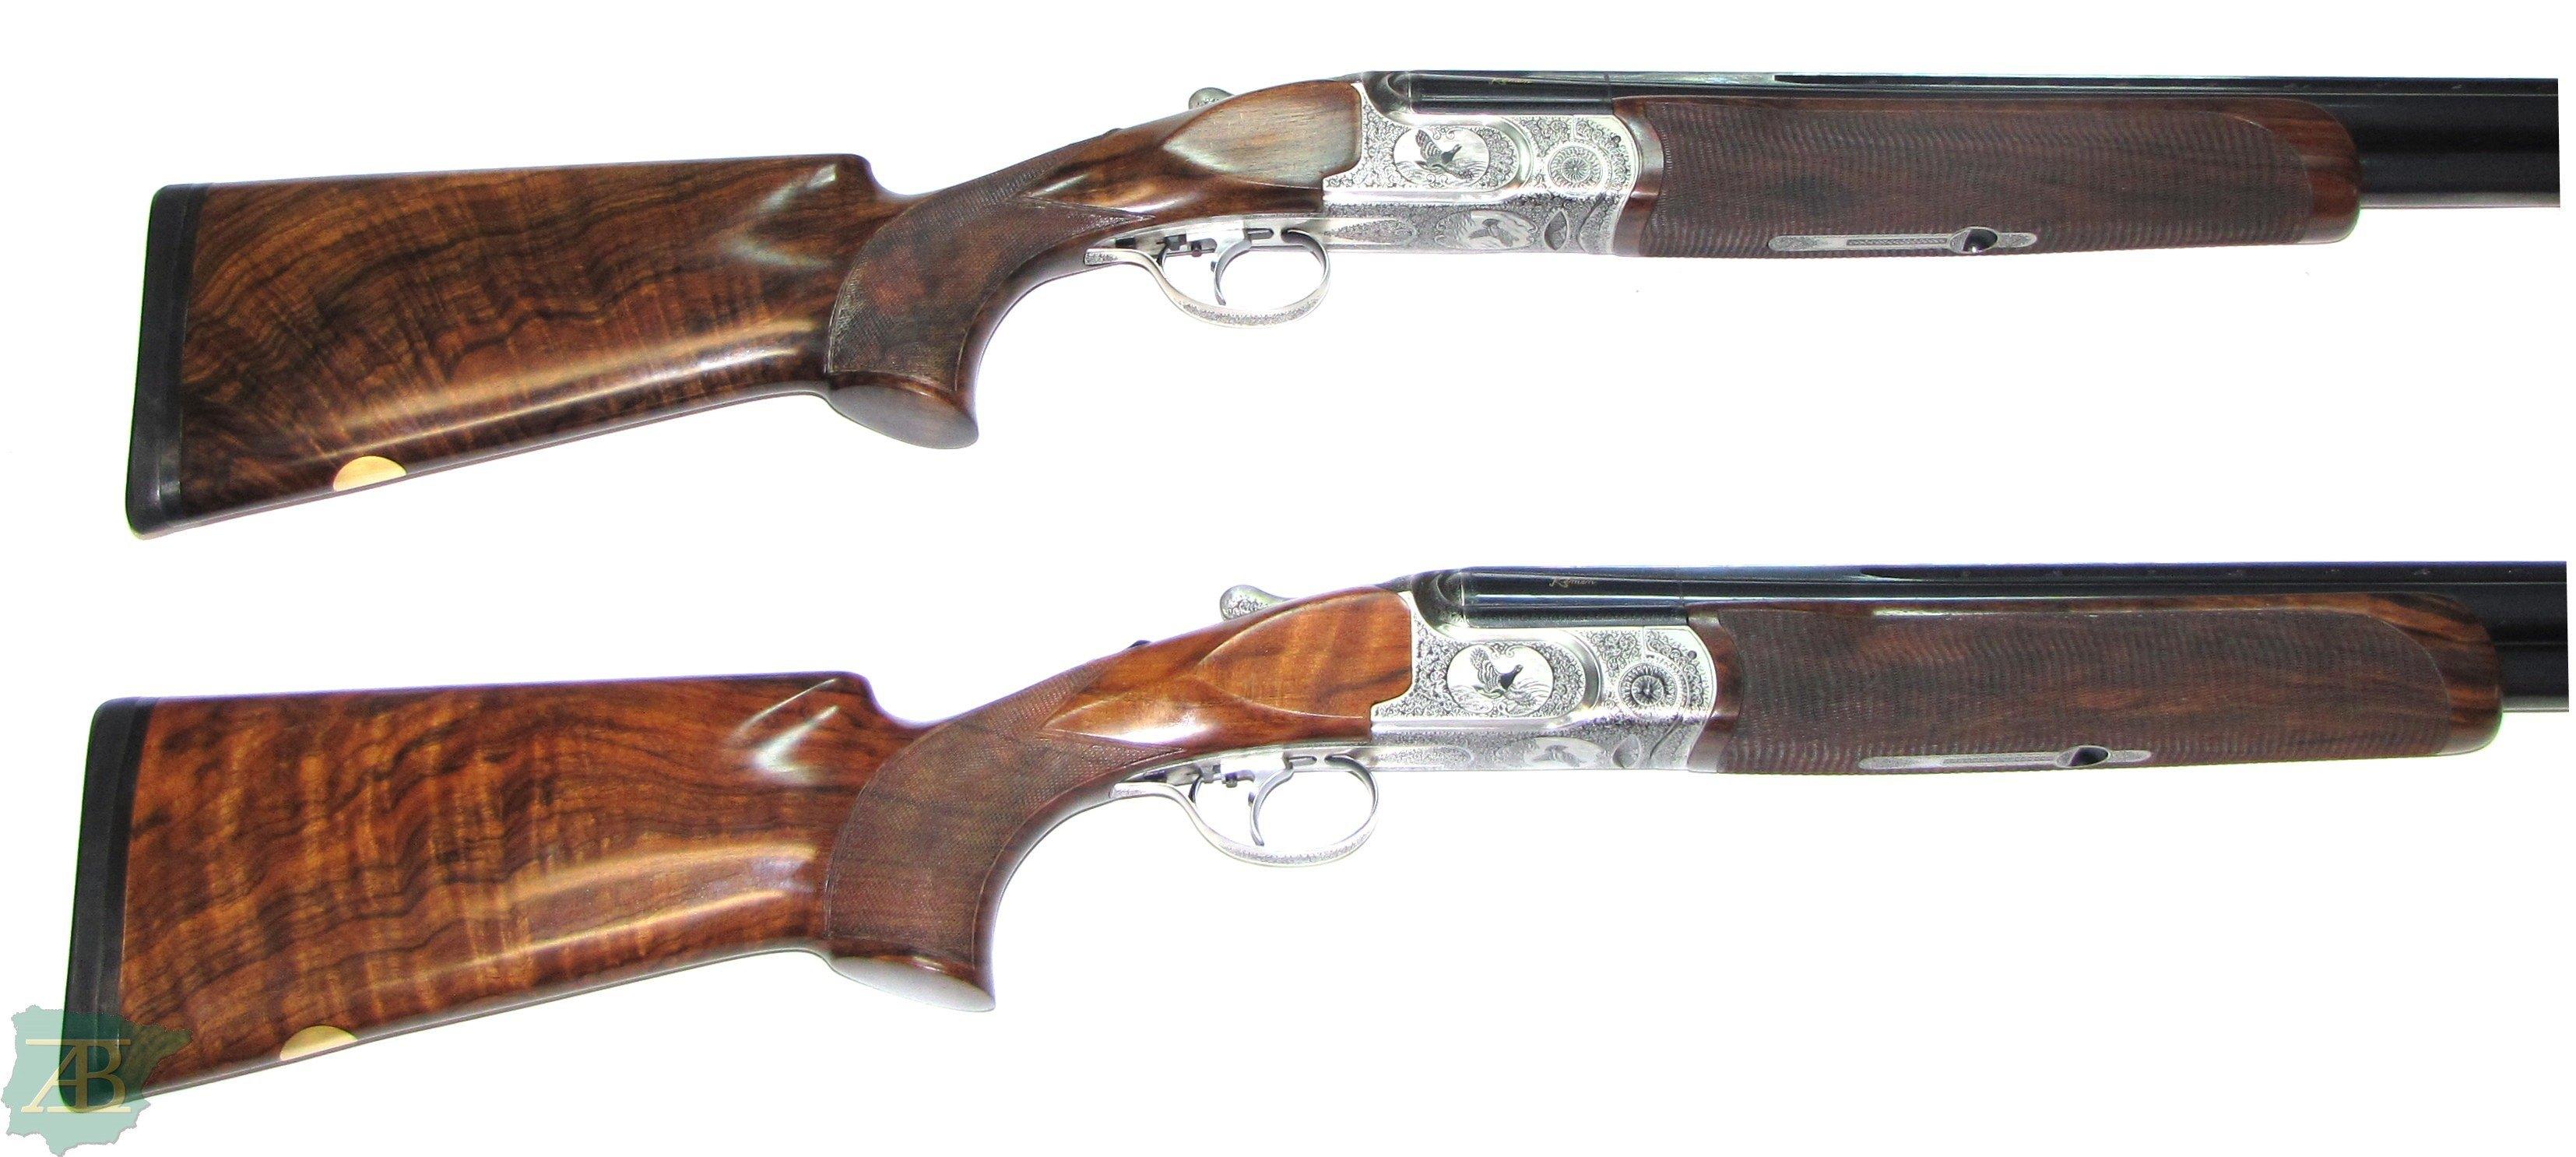 Pareja escopetas superpuestas de caza y pichon KEMEN TITANIUM ref 5449 y 5450-armeriaiberica-2